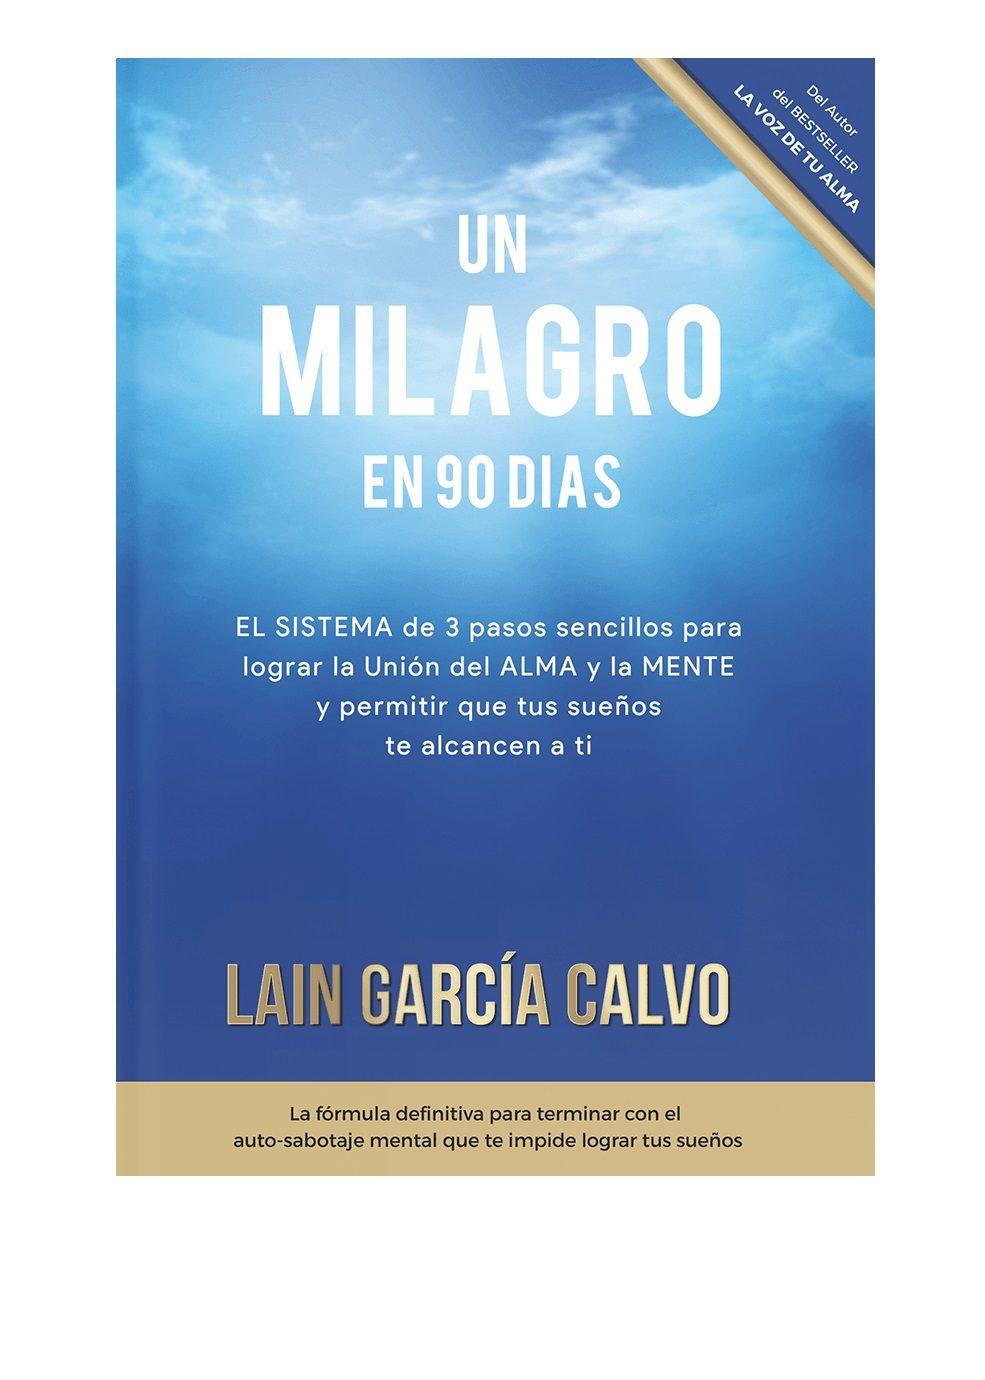 Un Milagro en 90 Días - Lain Garcia Calvo - Laín Garcia Calvo